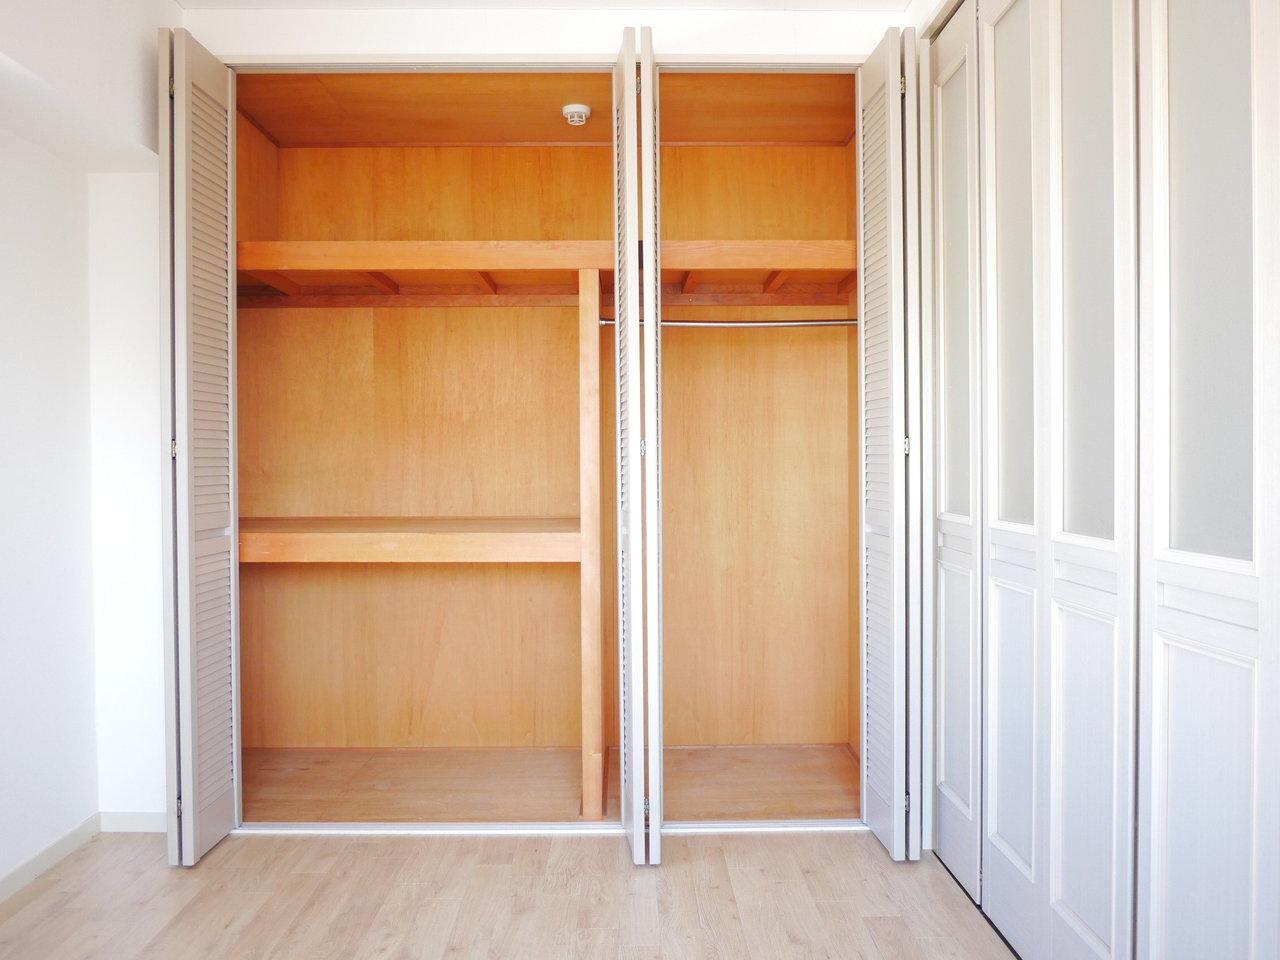 このお部屋は、ついつい荷物が多くなりがちな方におすすめしたい。洋室のクローゼット、キッチン、靴箱、脱衣室…どこにでもしっかり収納スペースが確保されています。あまり外に物を置いておきたくない方にも、強い味方となってくれそうです。